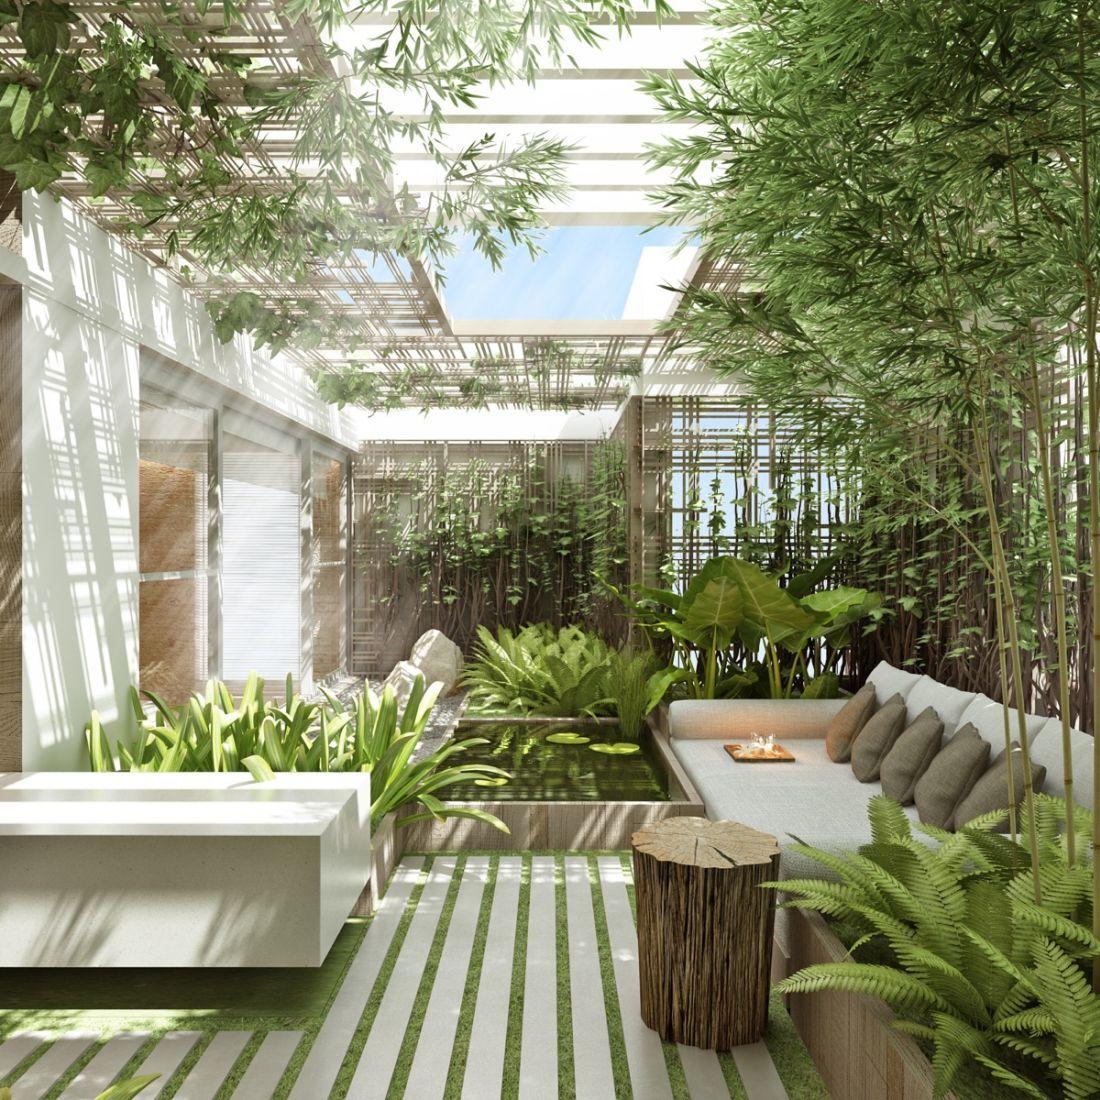 Belső kert sok bambusszal és egy kis kerti tóval